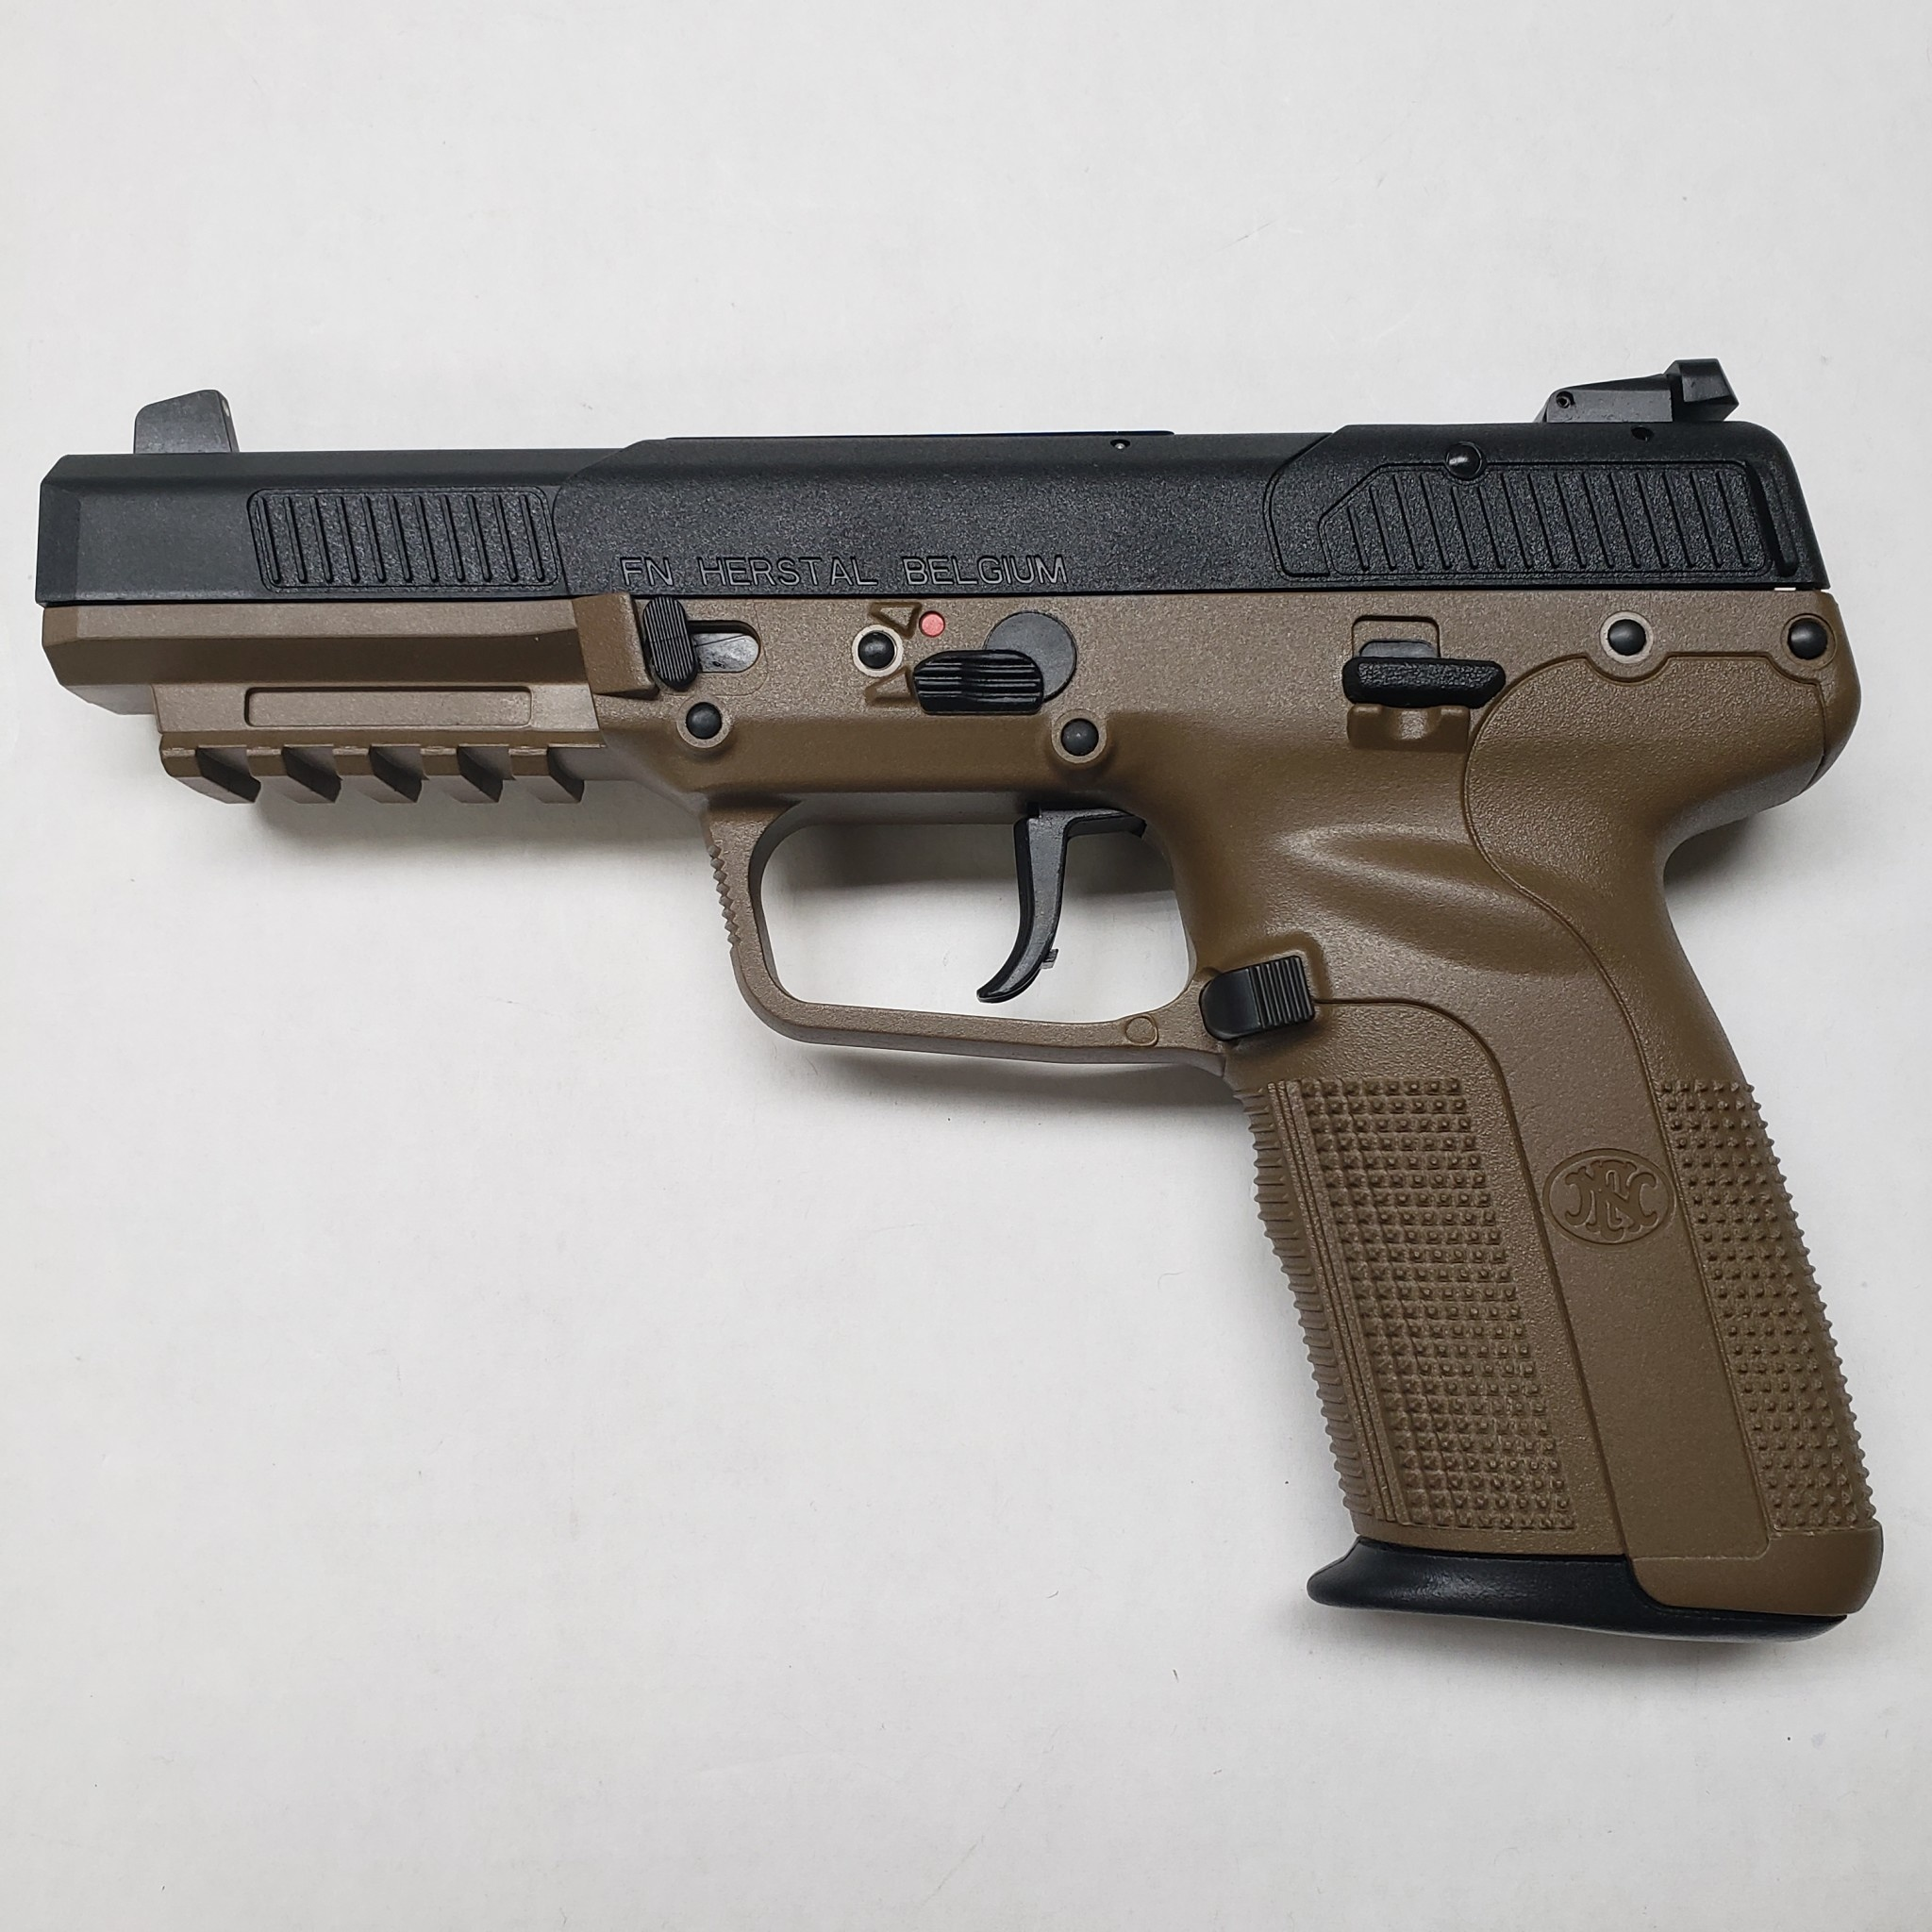 FN America MK II FDE Pistol 5.7x28